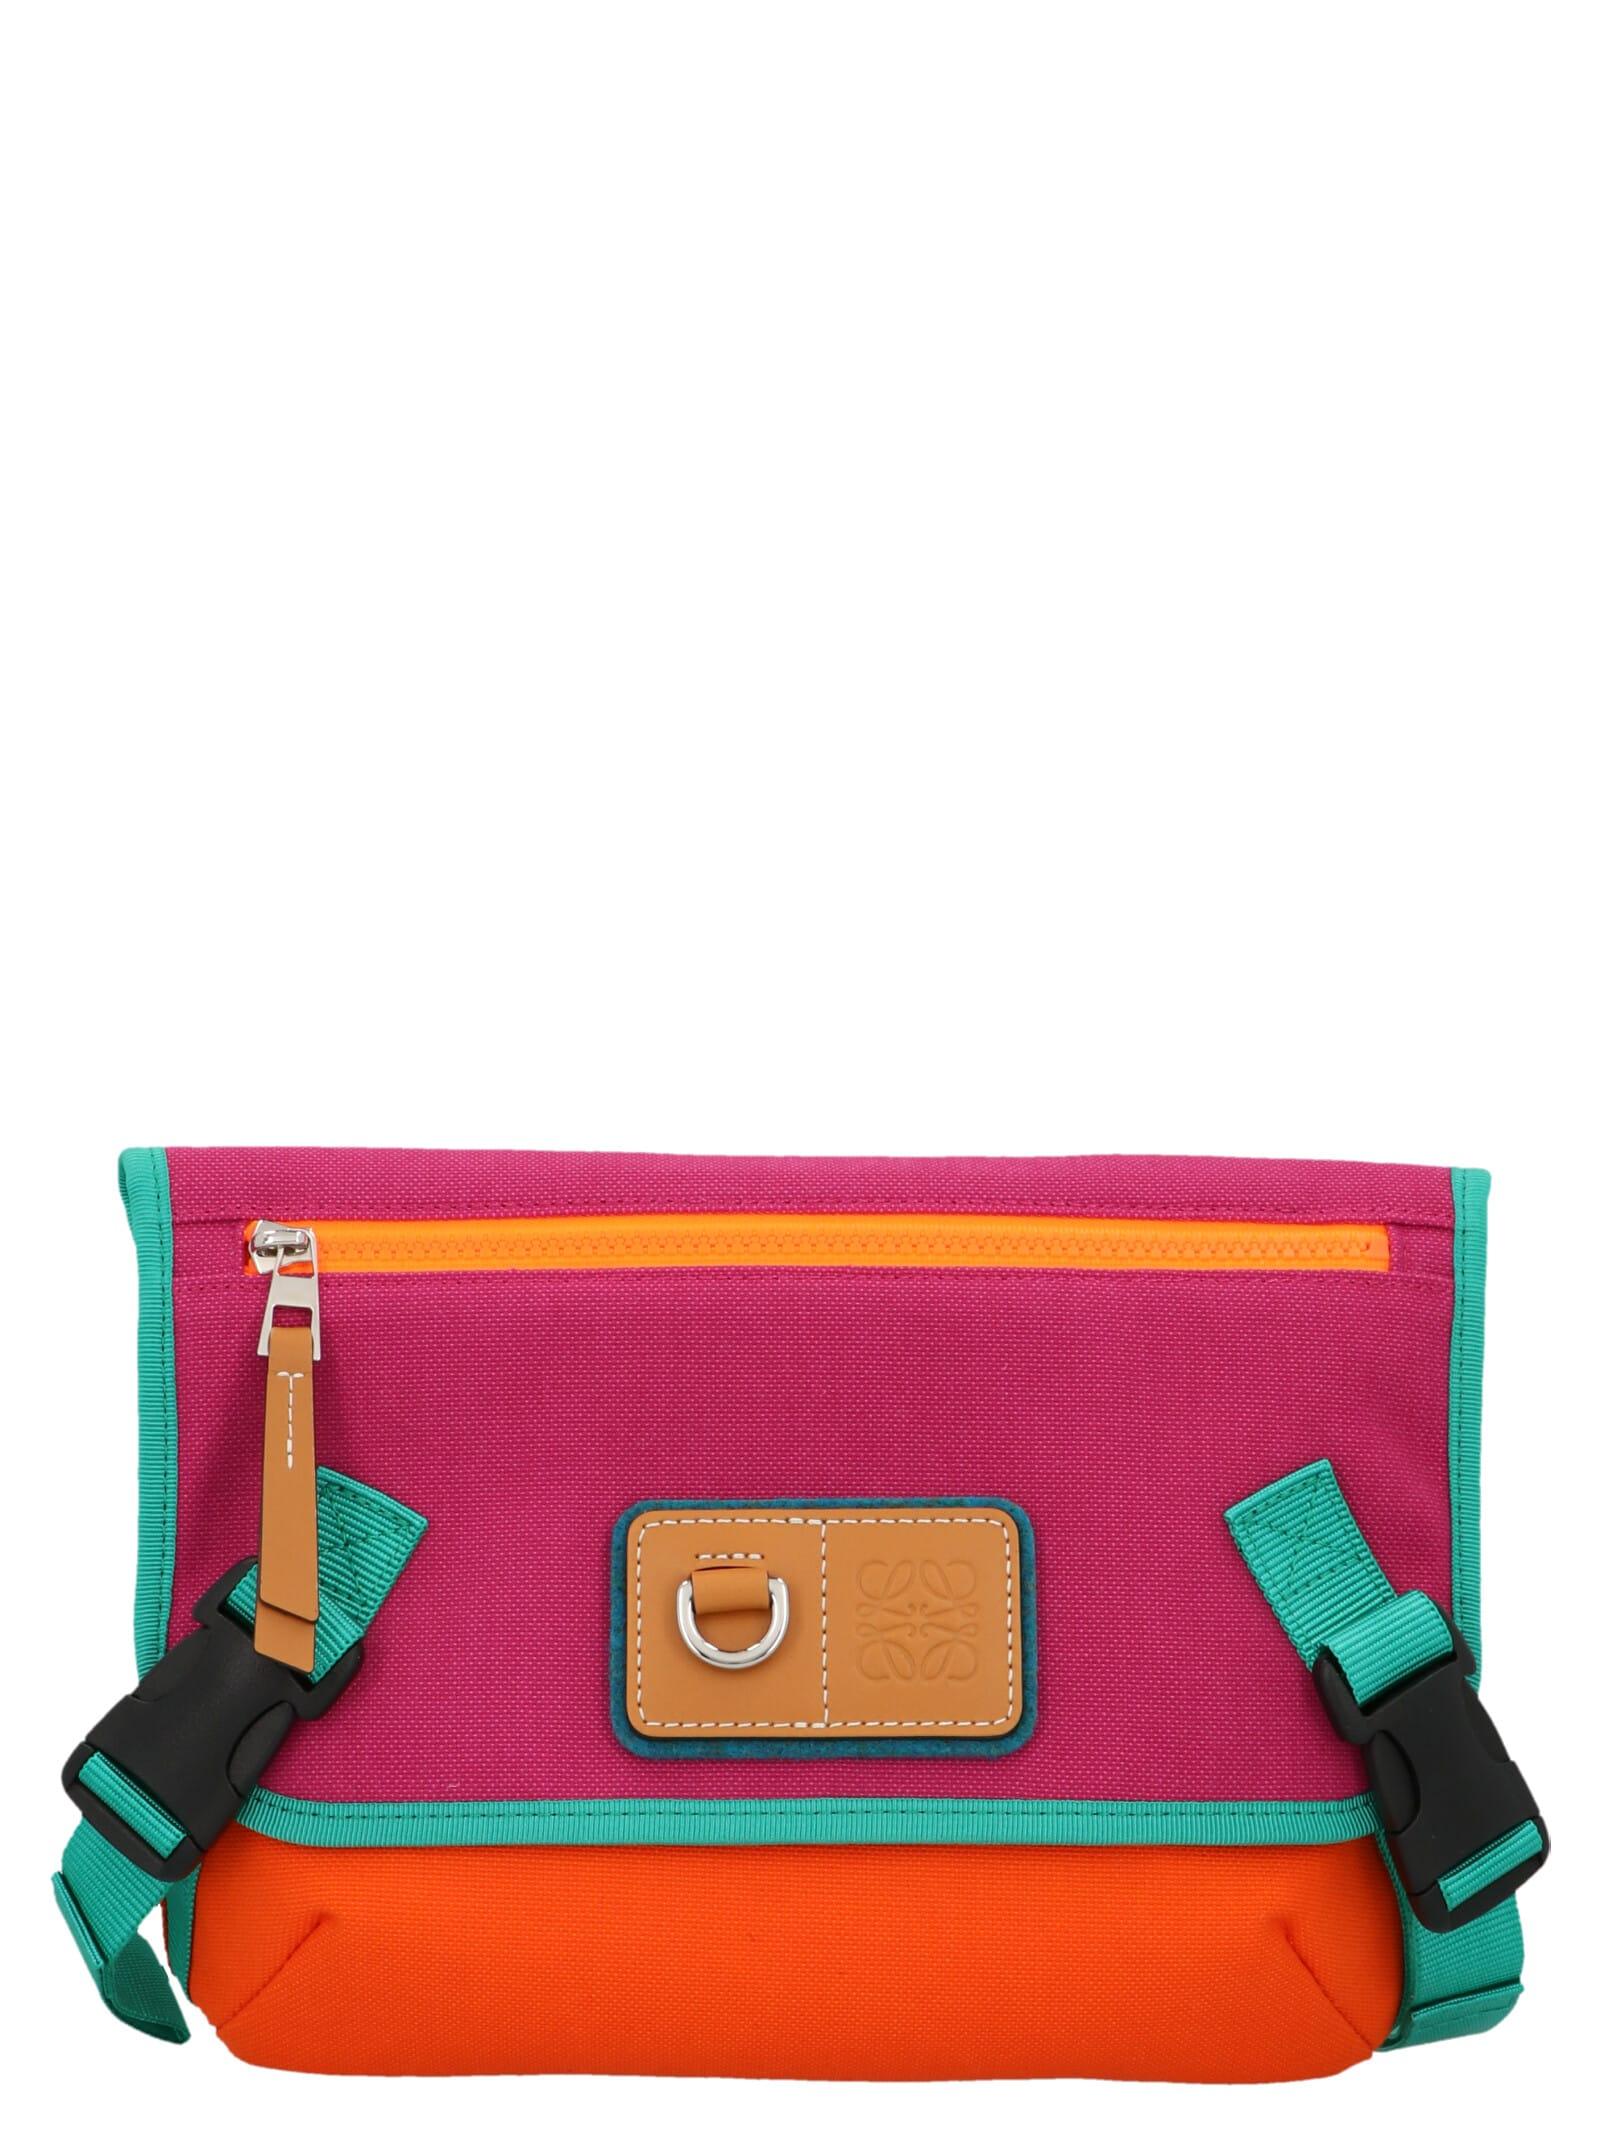 Loewe messanger Bag